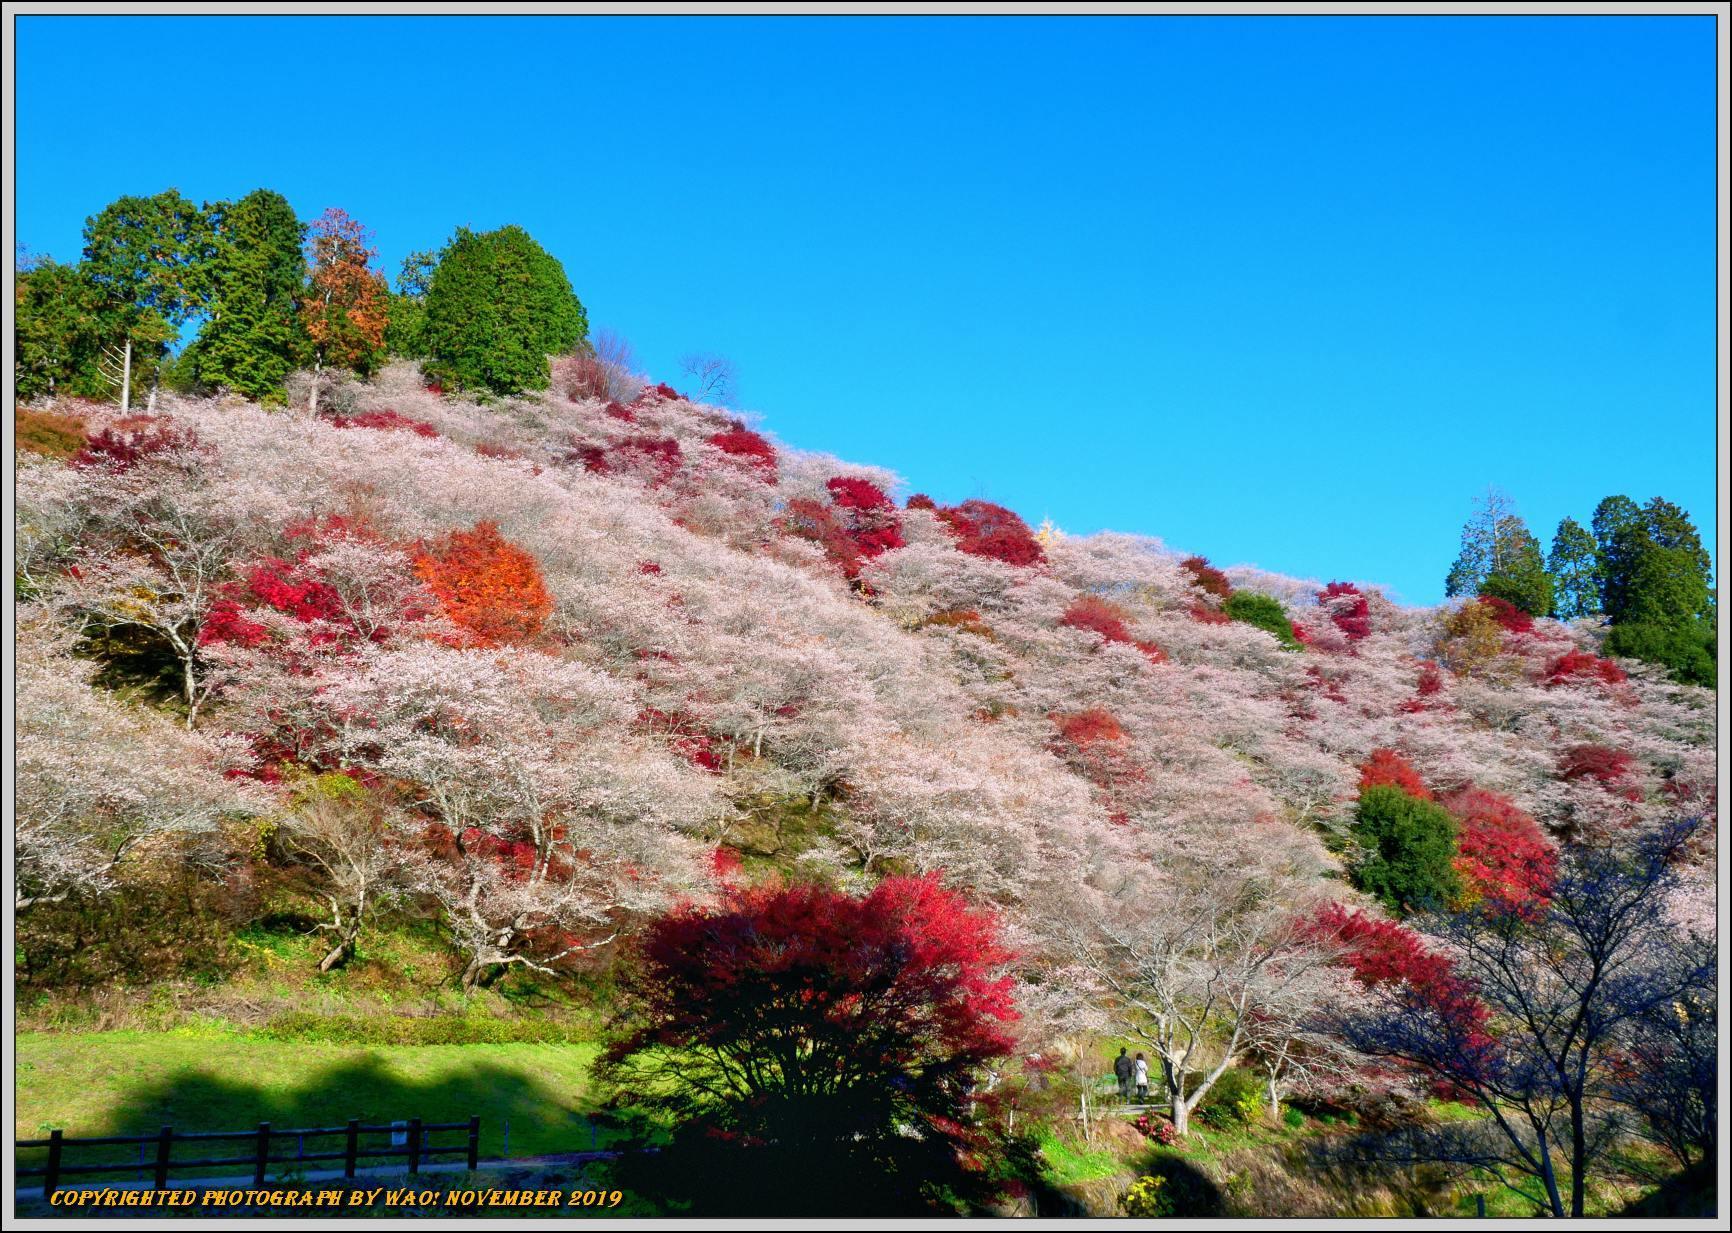 四季桜とモミジのコラボレーション-1_c0198669_15543520.jpg